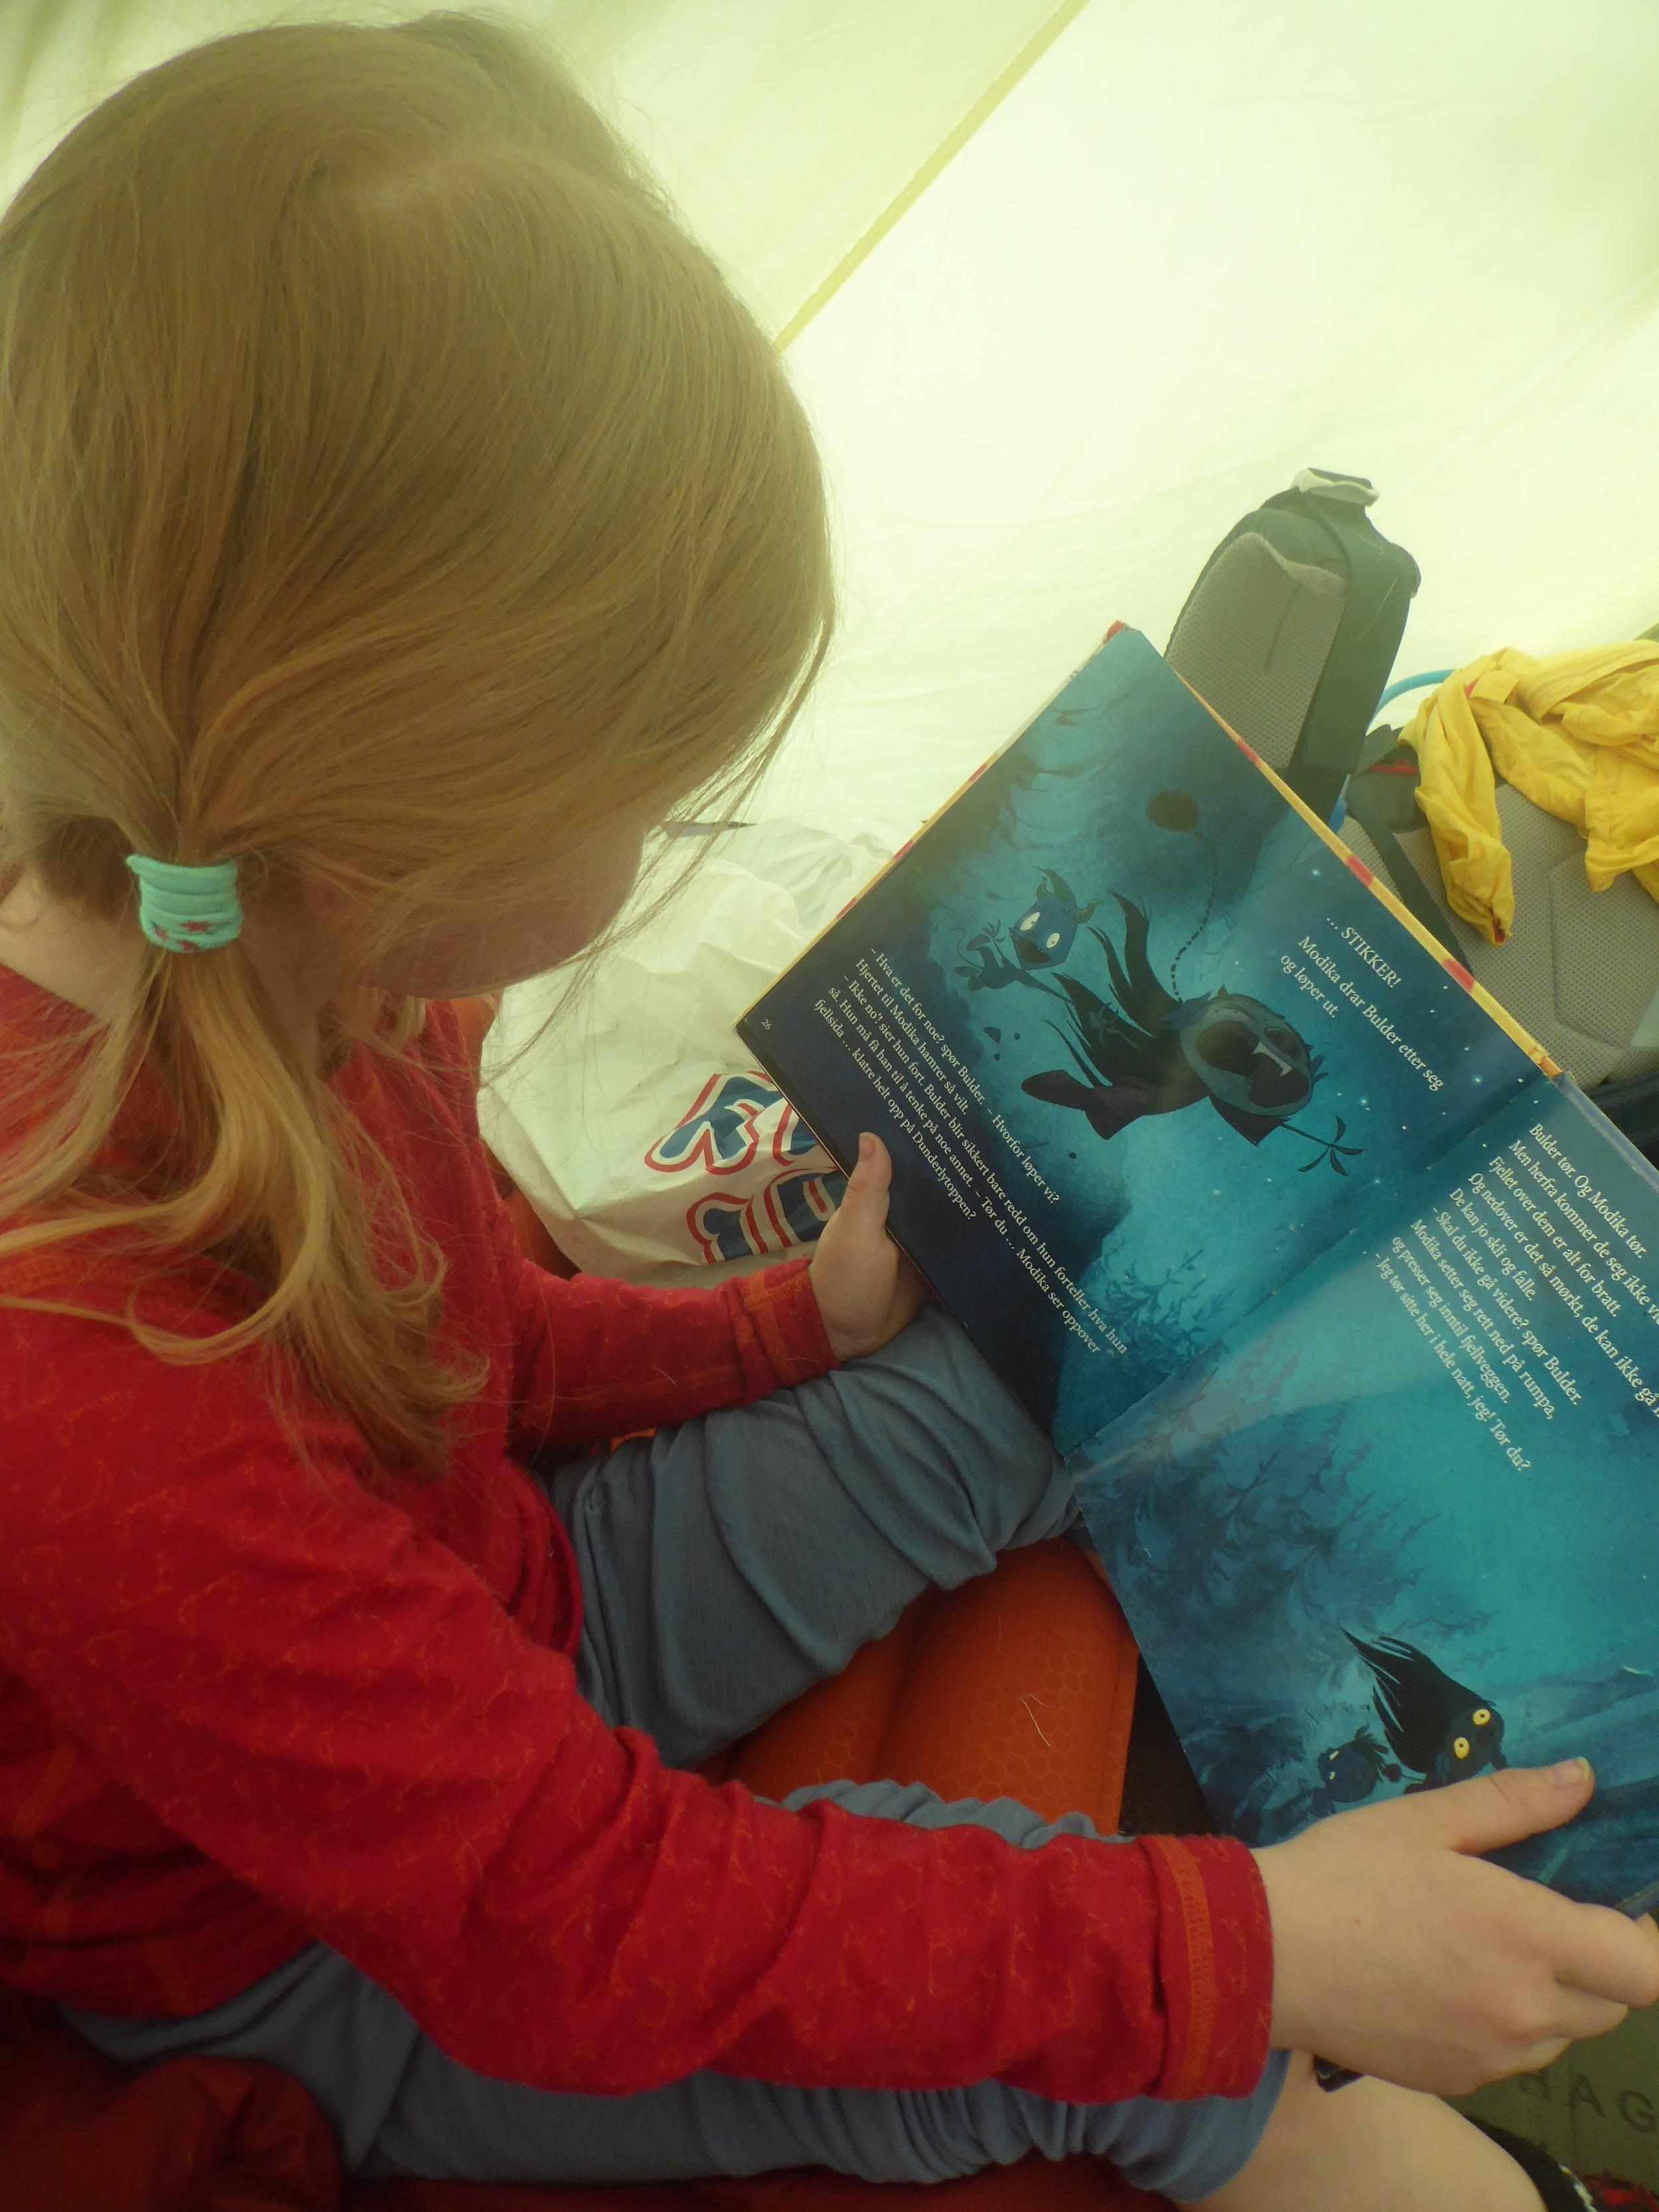 Kos i lavvoen er en viktig del av turen, Liv leser om Dunderly